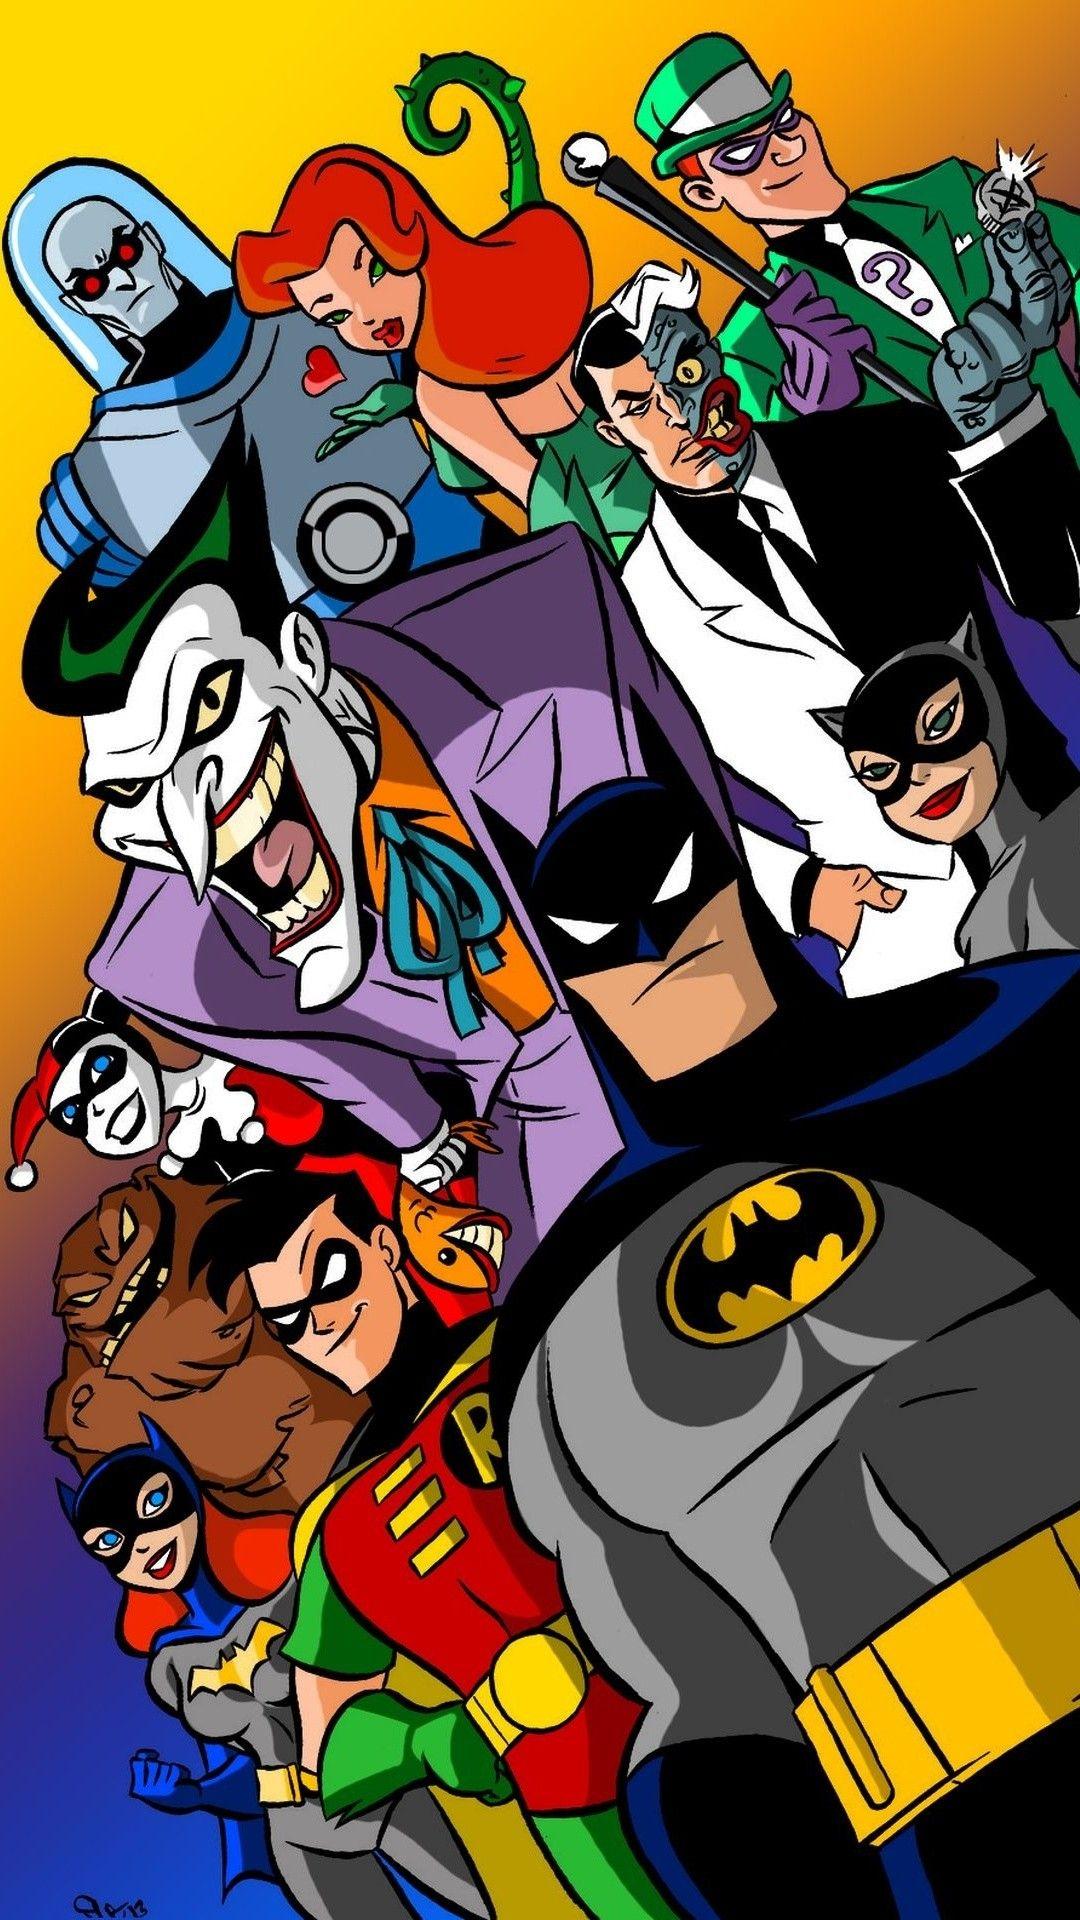 Resultado De Imagem Para 90s Wallpaper Iphone Batman Cartoon Joker Animated Cartoon Wallpaper